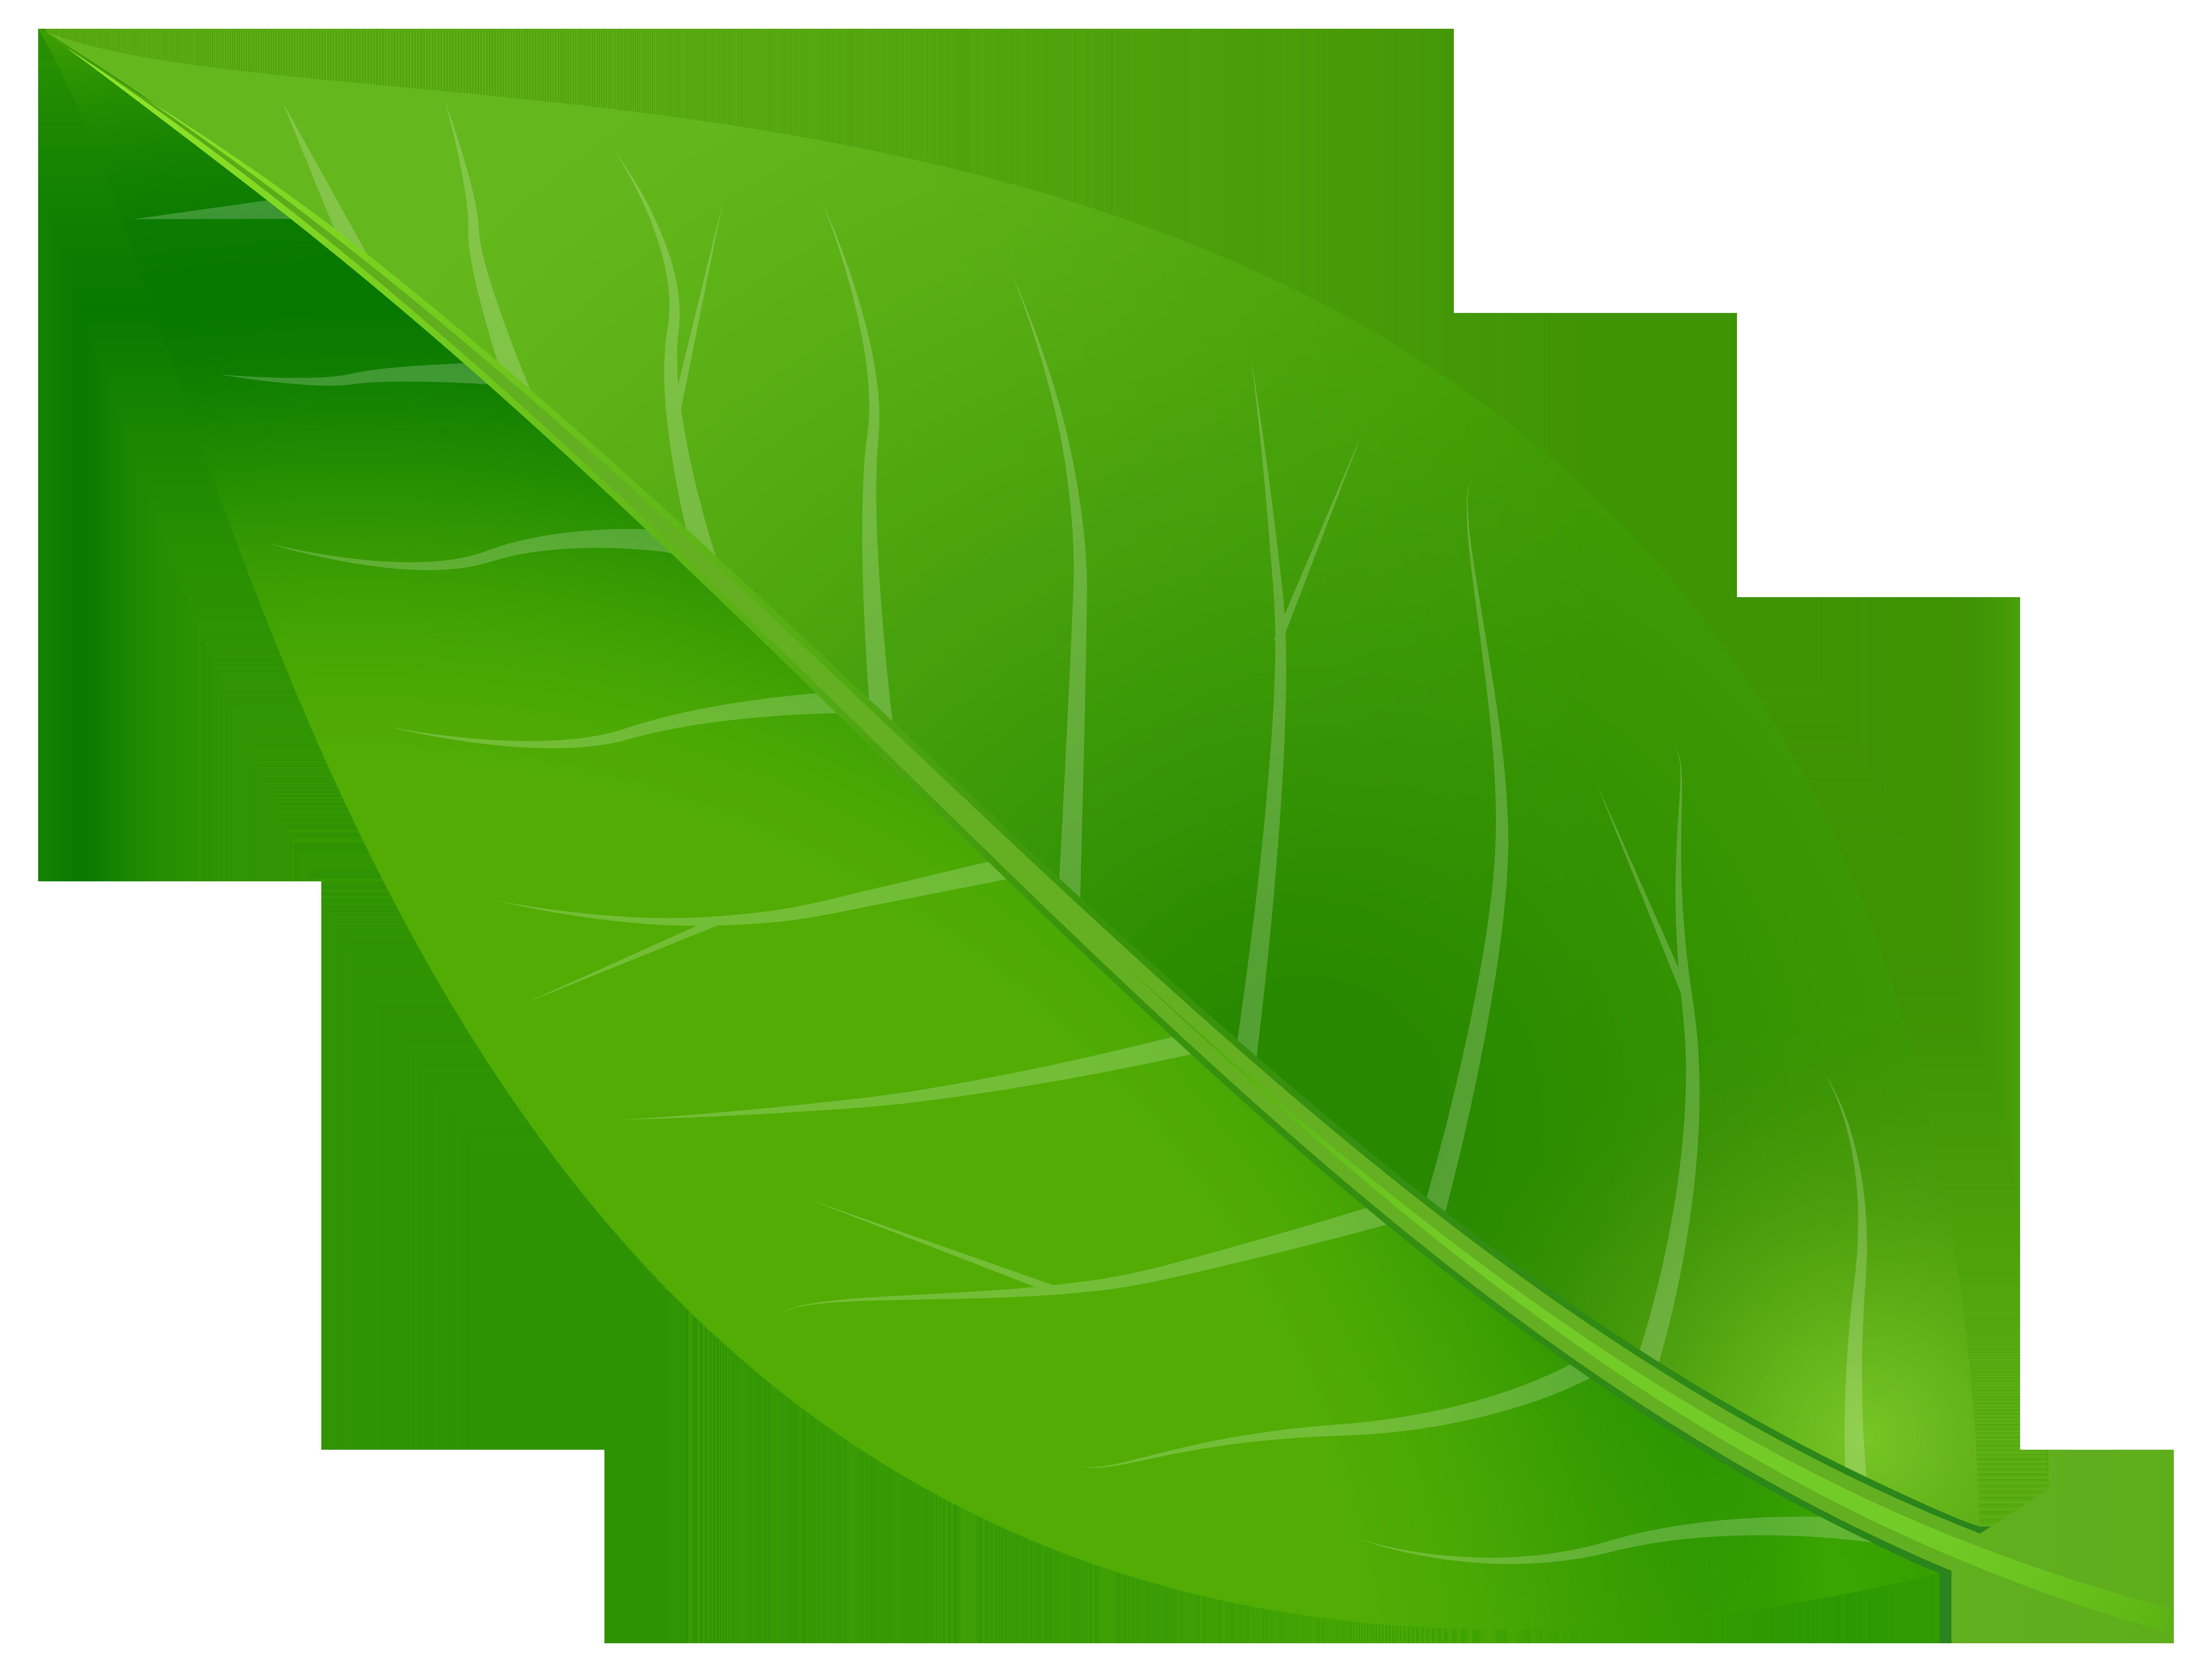 Spring Leaf Transparent PNG Clip Art Image.